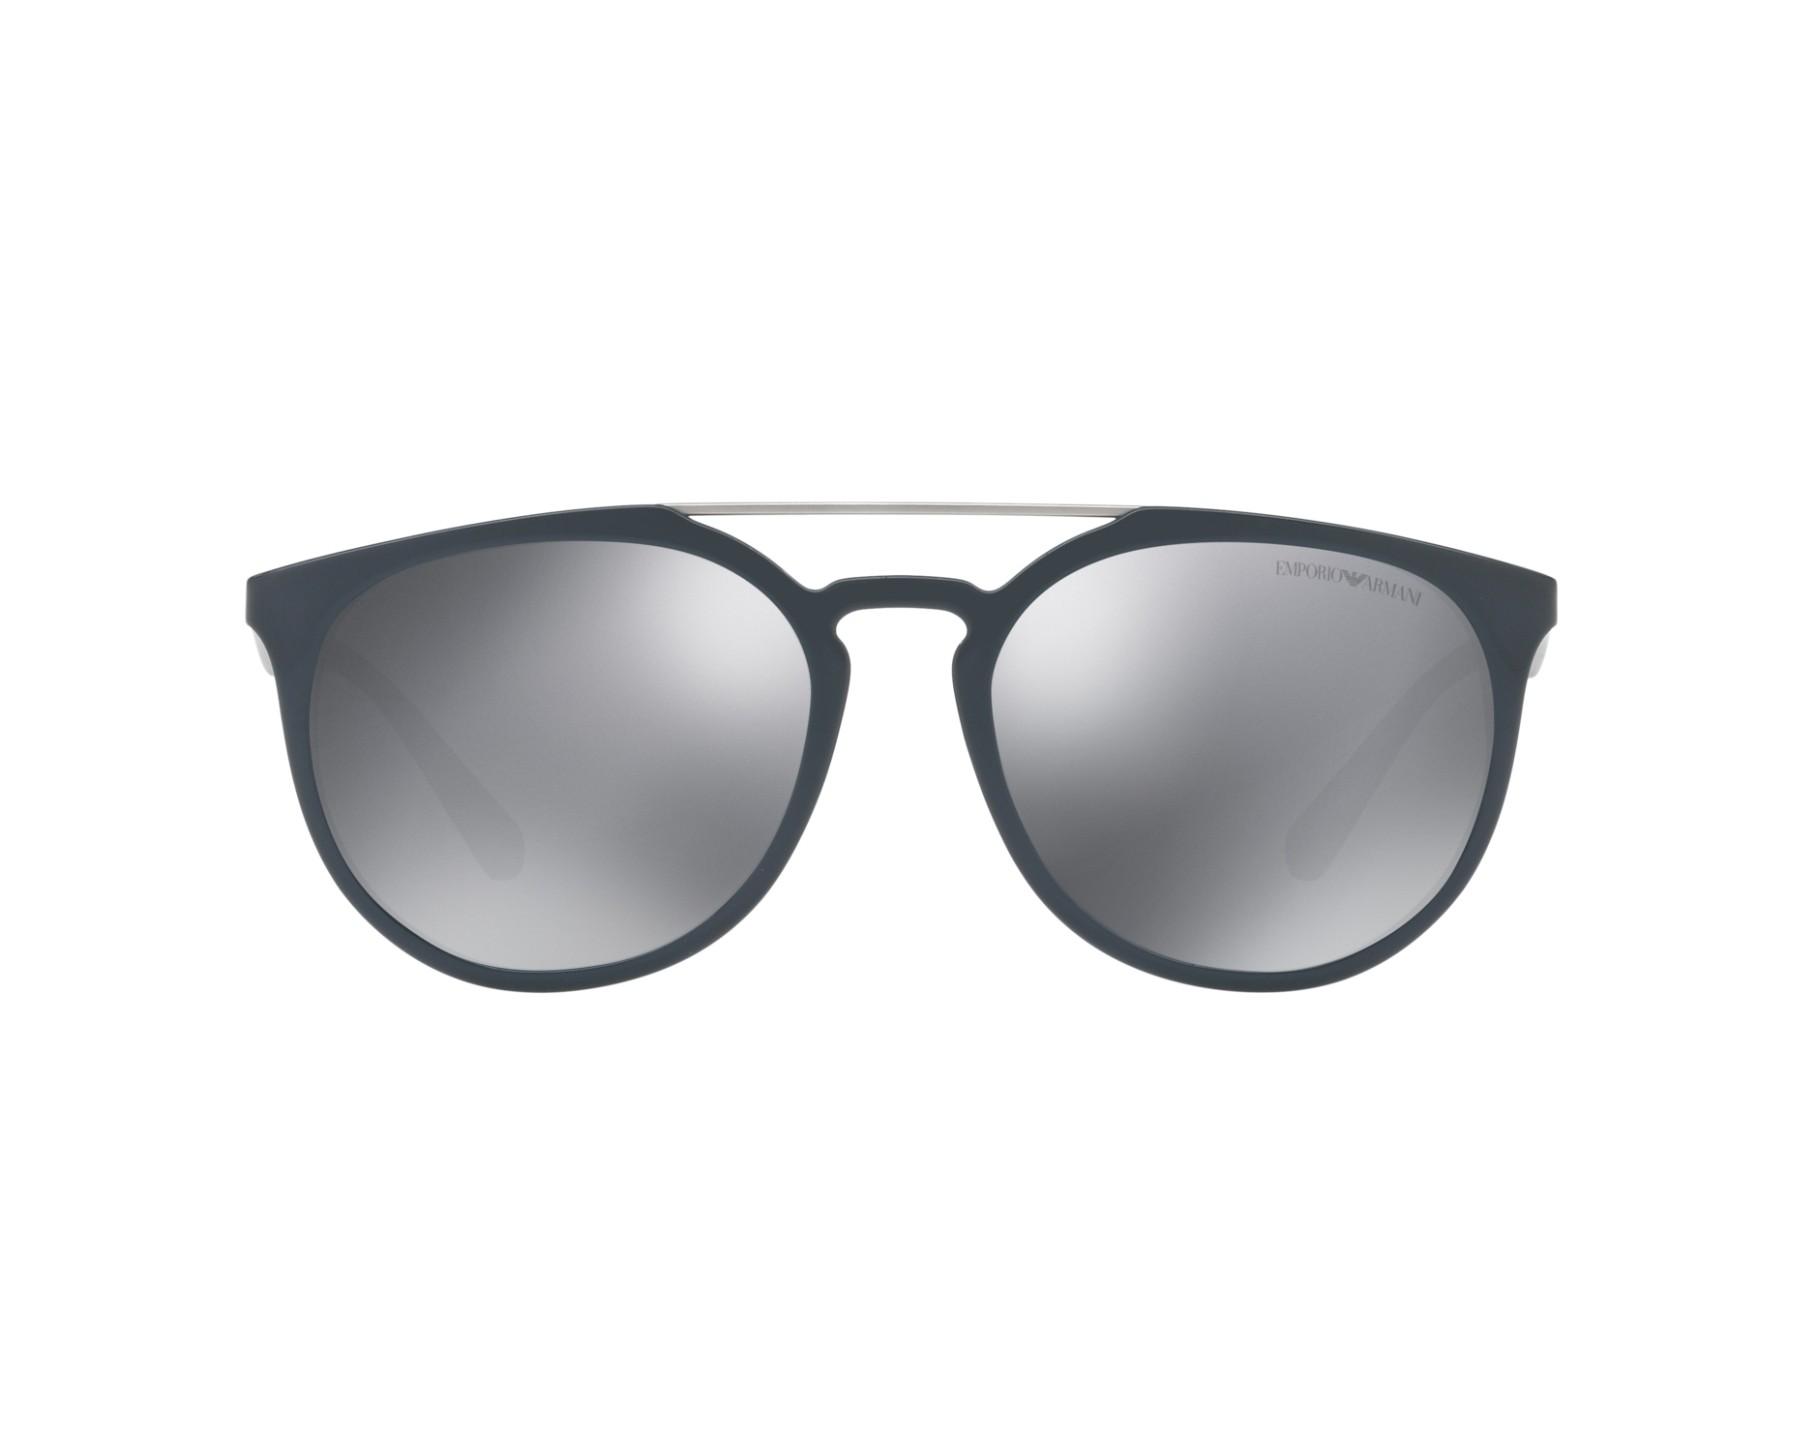 4f29f7a6b74b0 Sunglasses Emporio Armani EA-4103 55966G 56-18 Blue Silver 360 degree view 1